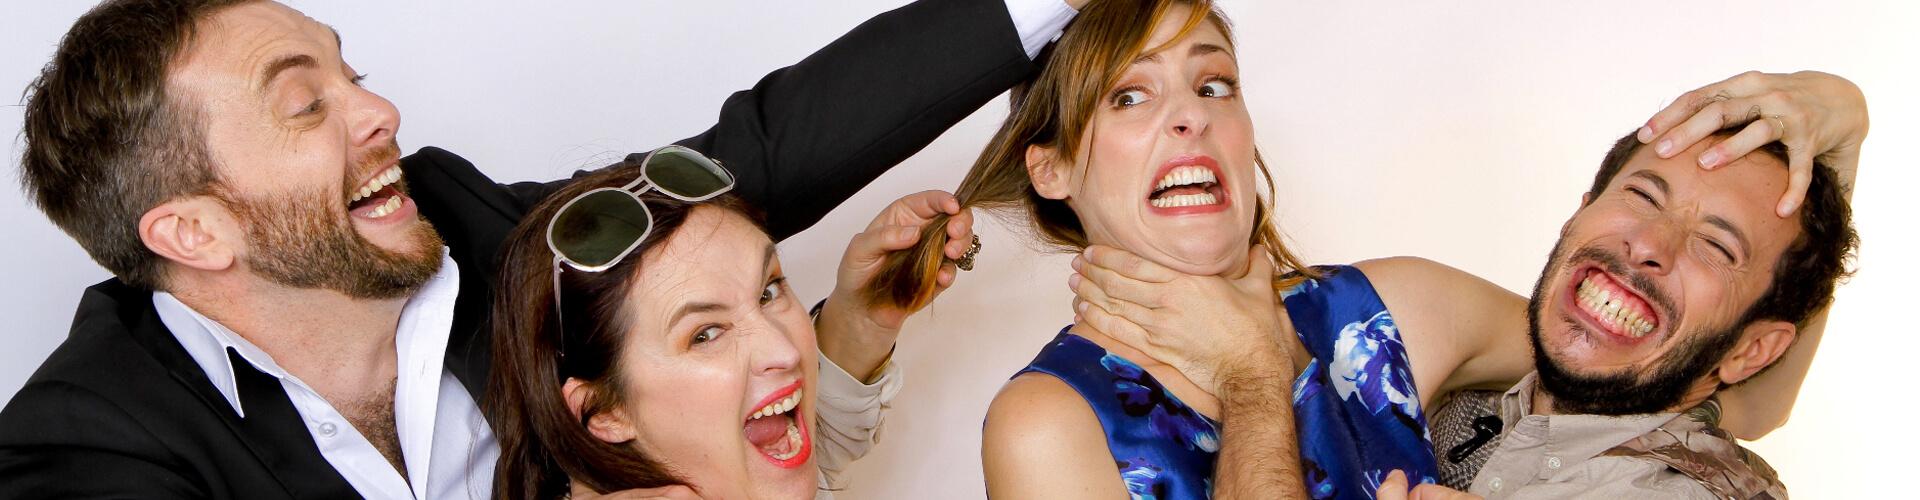 Anim15 Le Mariage Nuit Gravement à la Santé et le Divorce Aussi